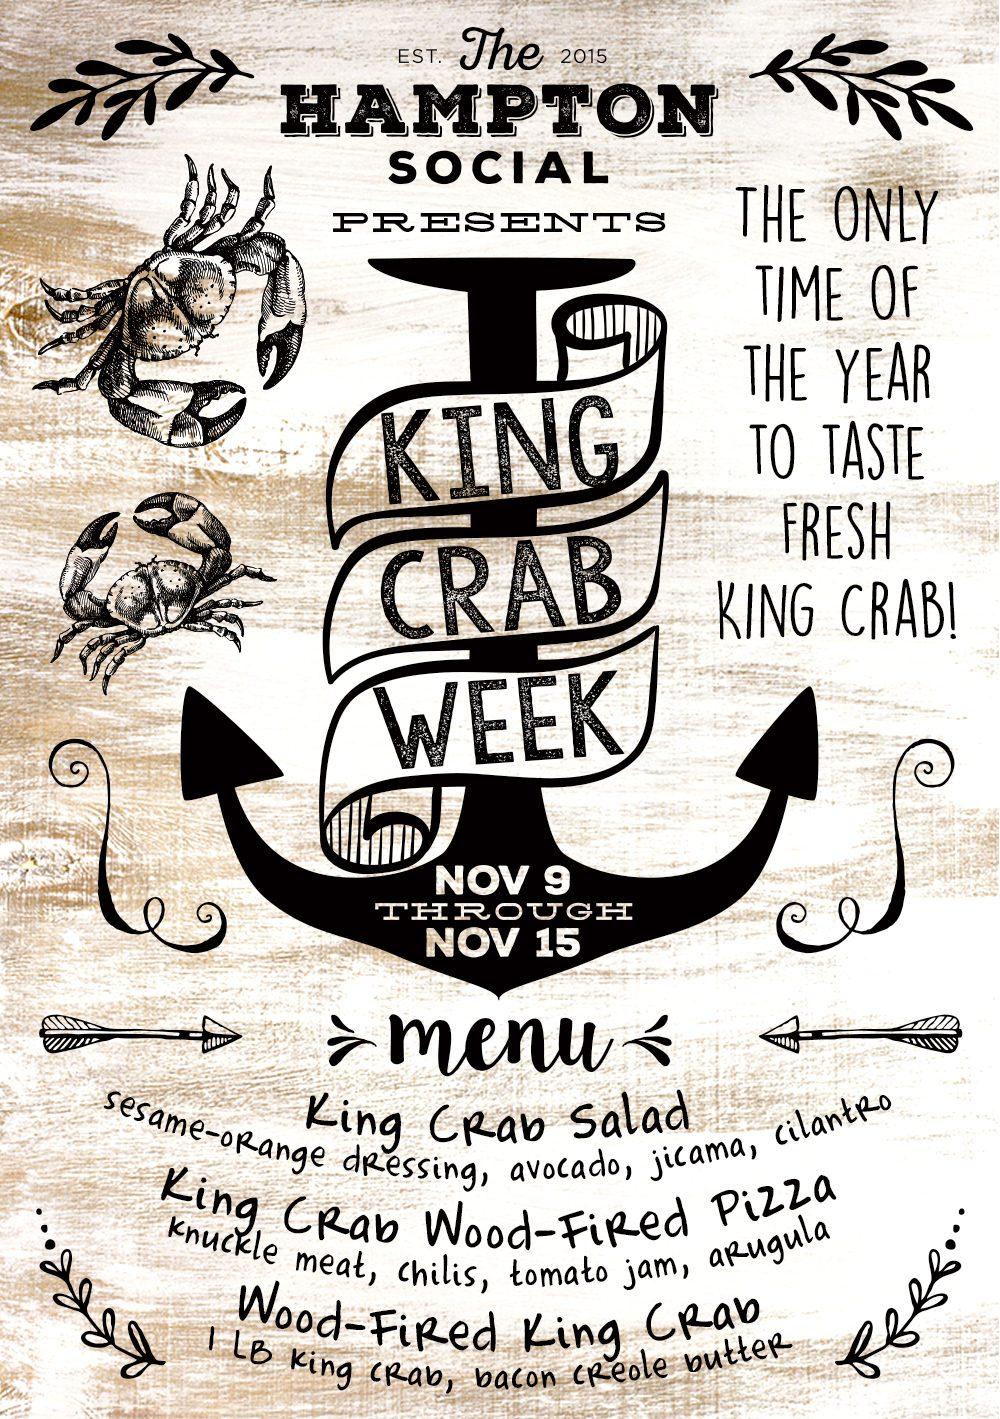 Alaskan King Crab Leg Week at The Hampton Social